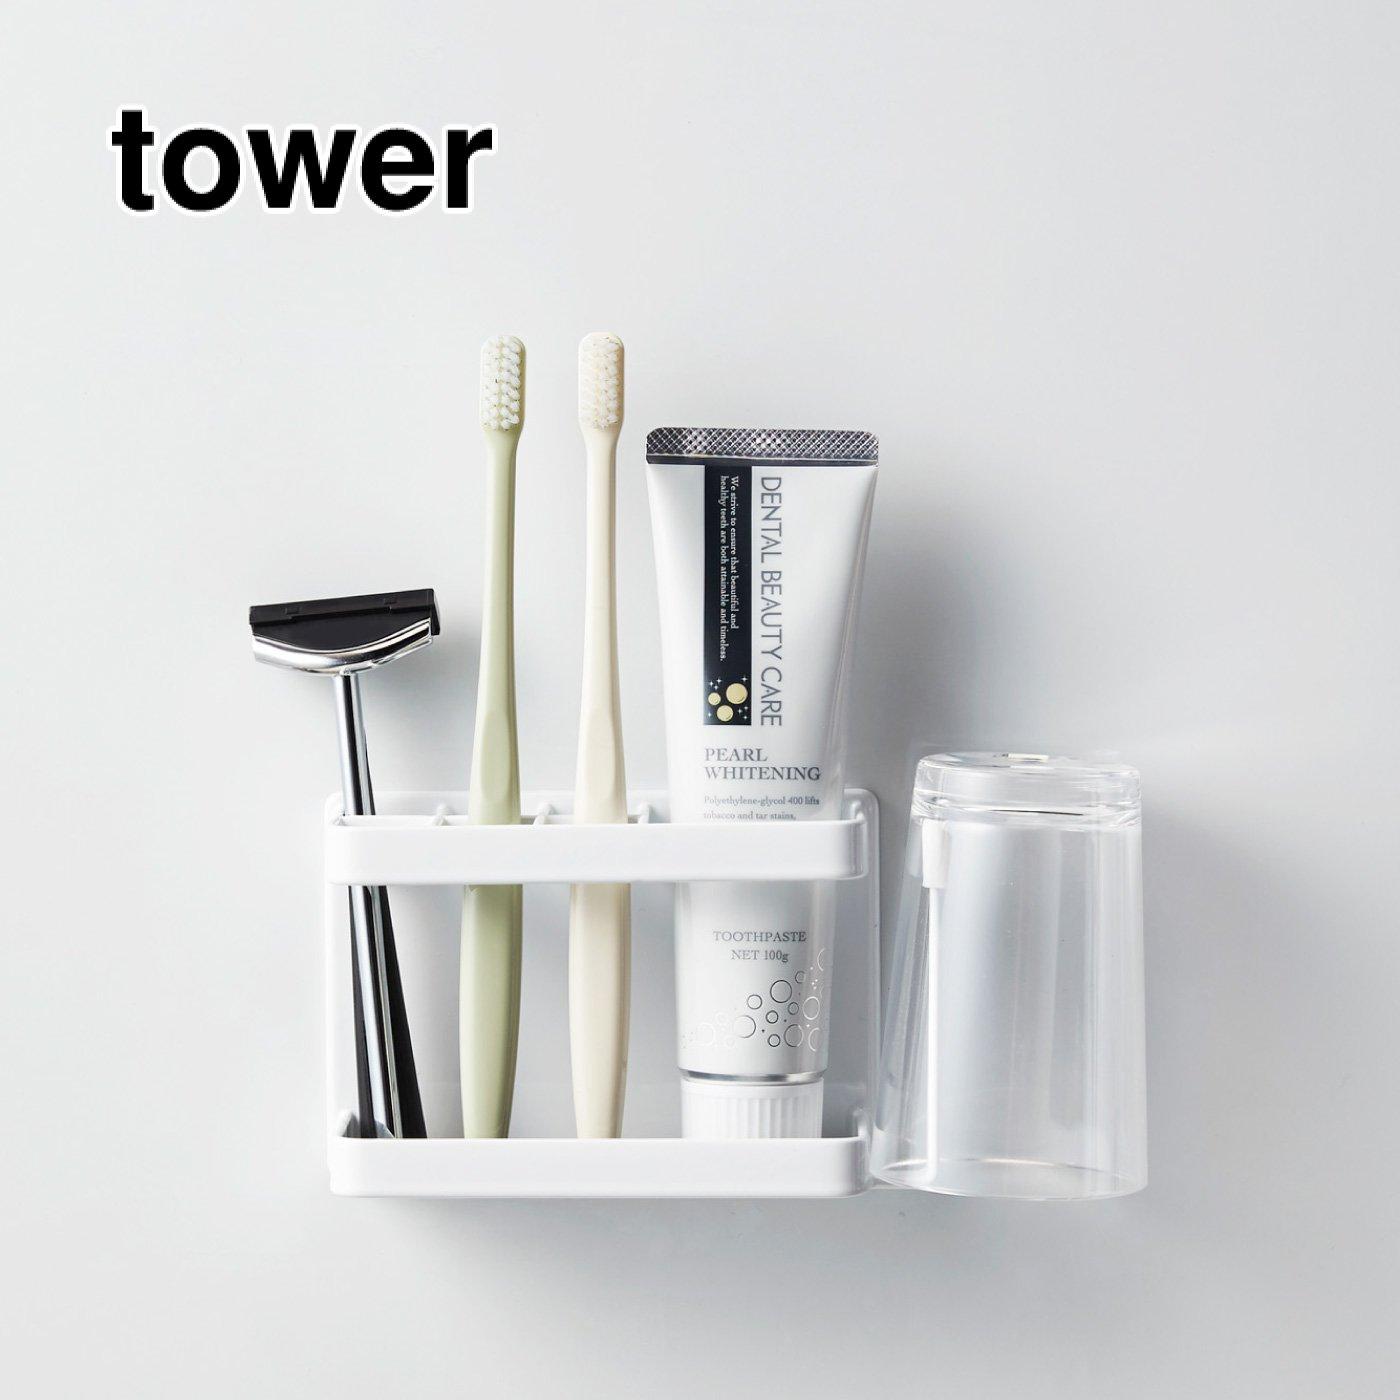 tower ちらからない マグネットバスルーム歯ブラシスタンド